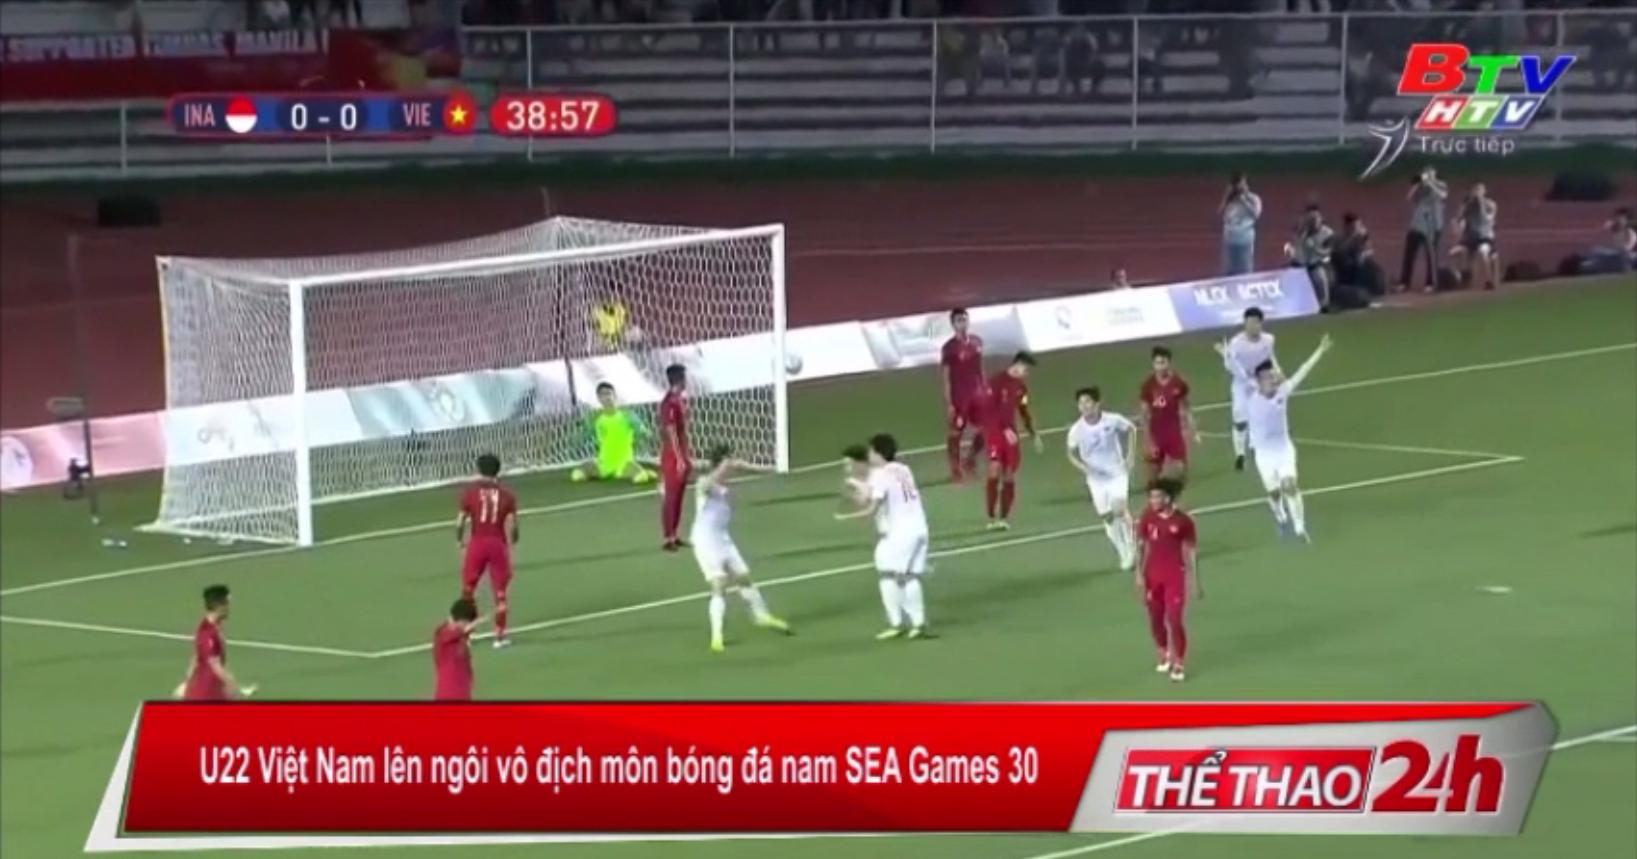 U22 Việt Nam lên ngôi vô địch môn bóng đá nam SEA Games 30